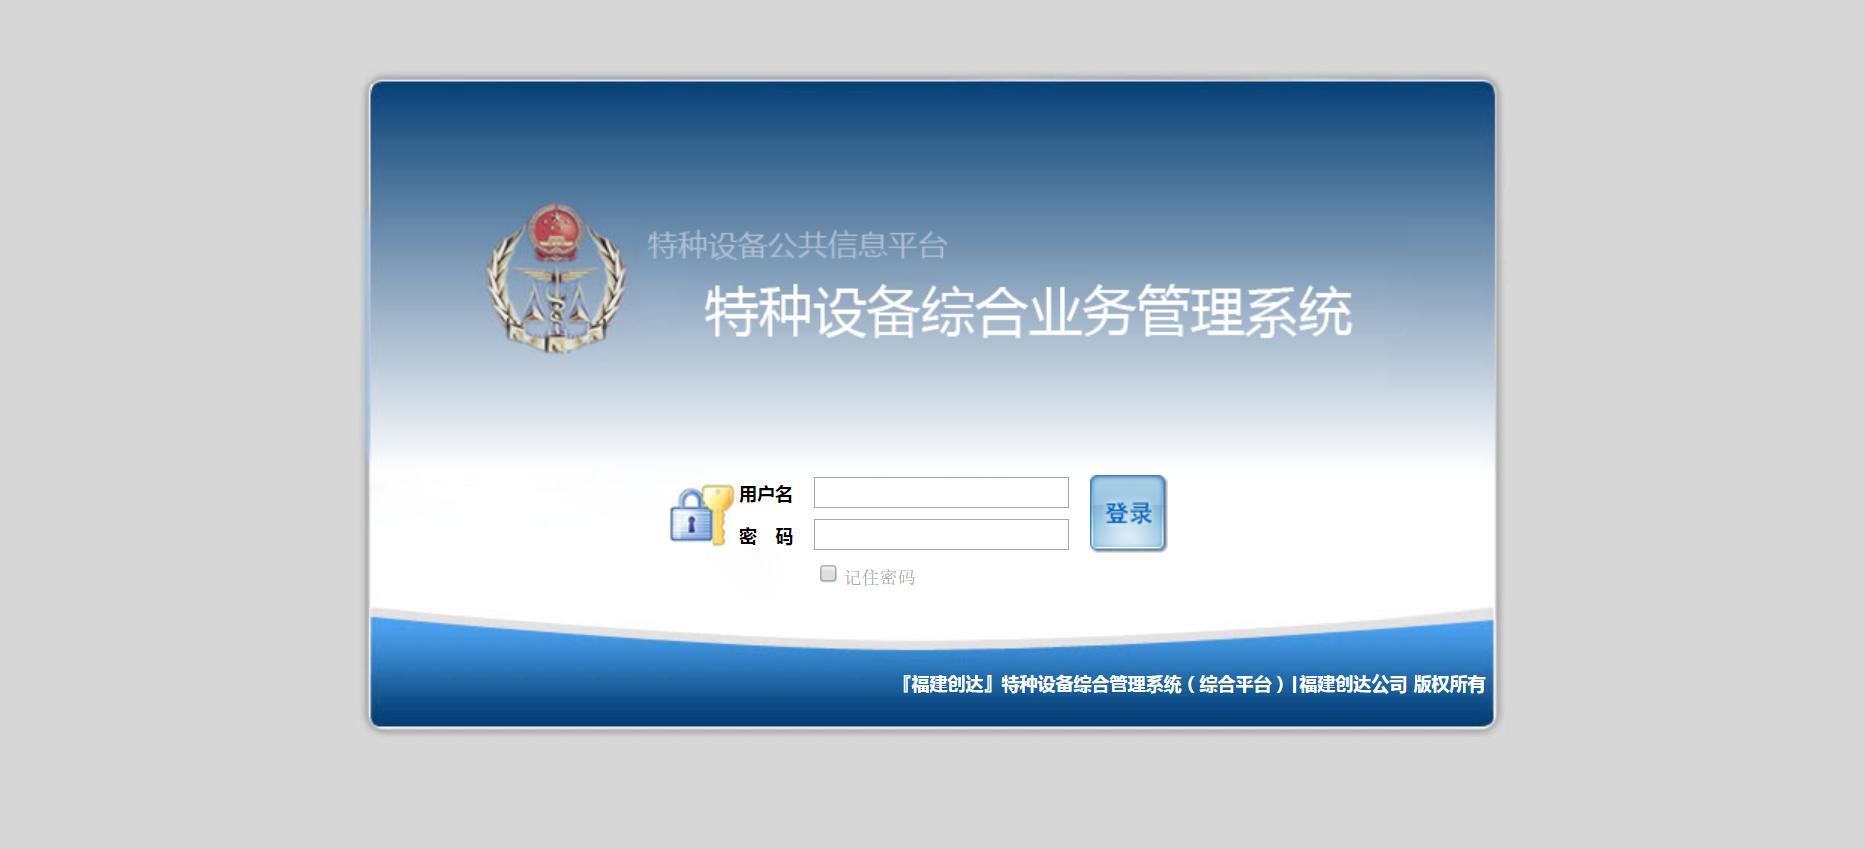 特種設備綜合業務管理系統